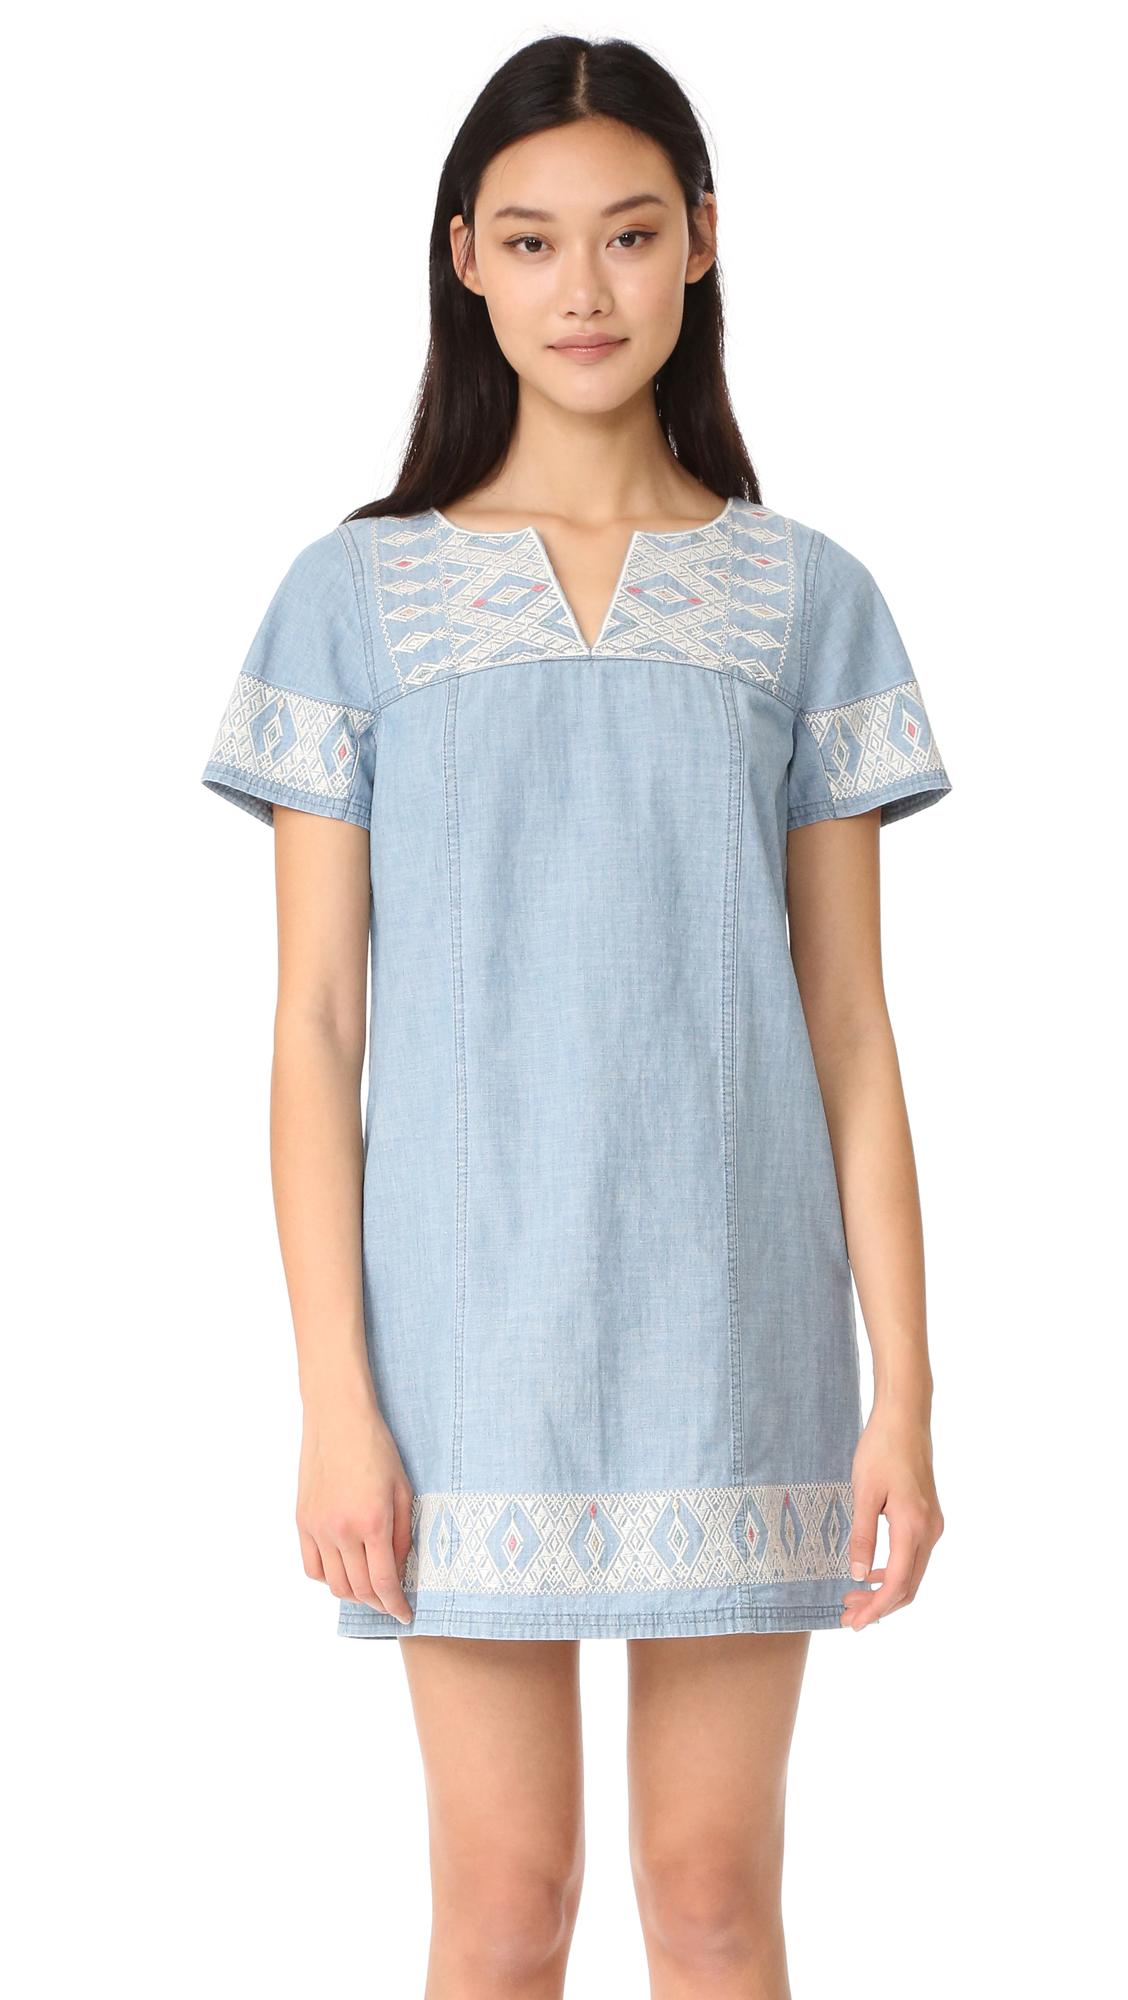 Madewell Embroidered Chambray Tunic Dress - Pina Wash at Shopbop